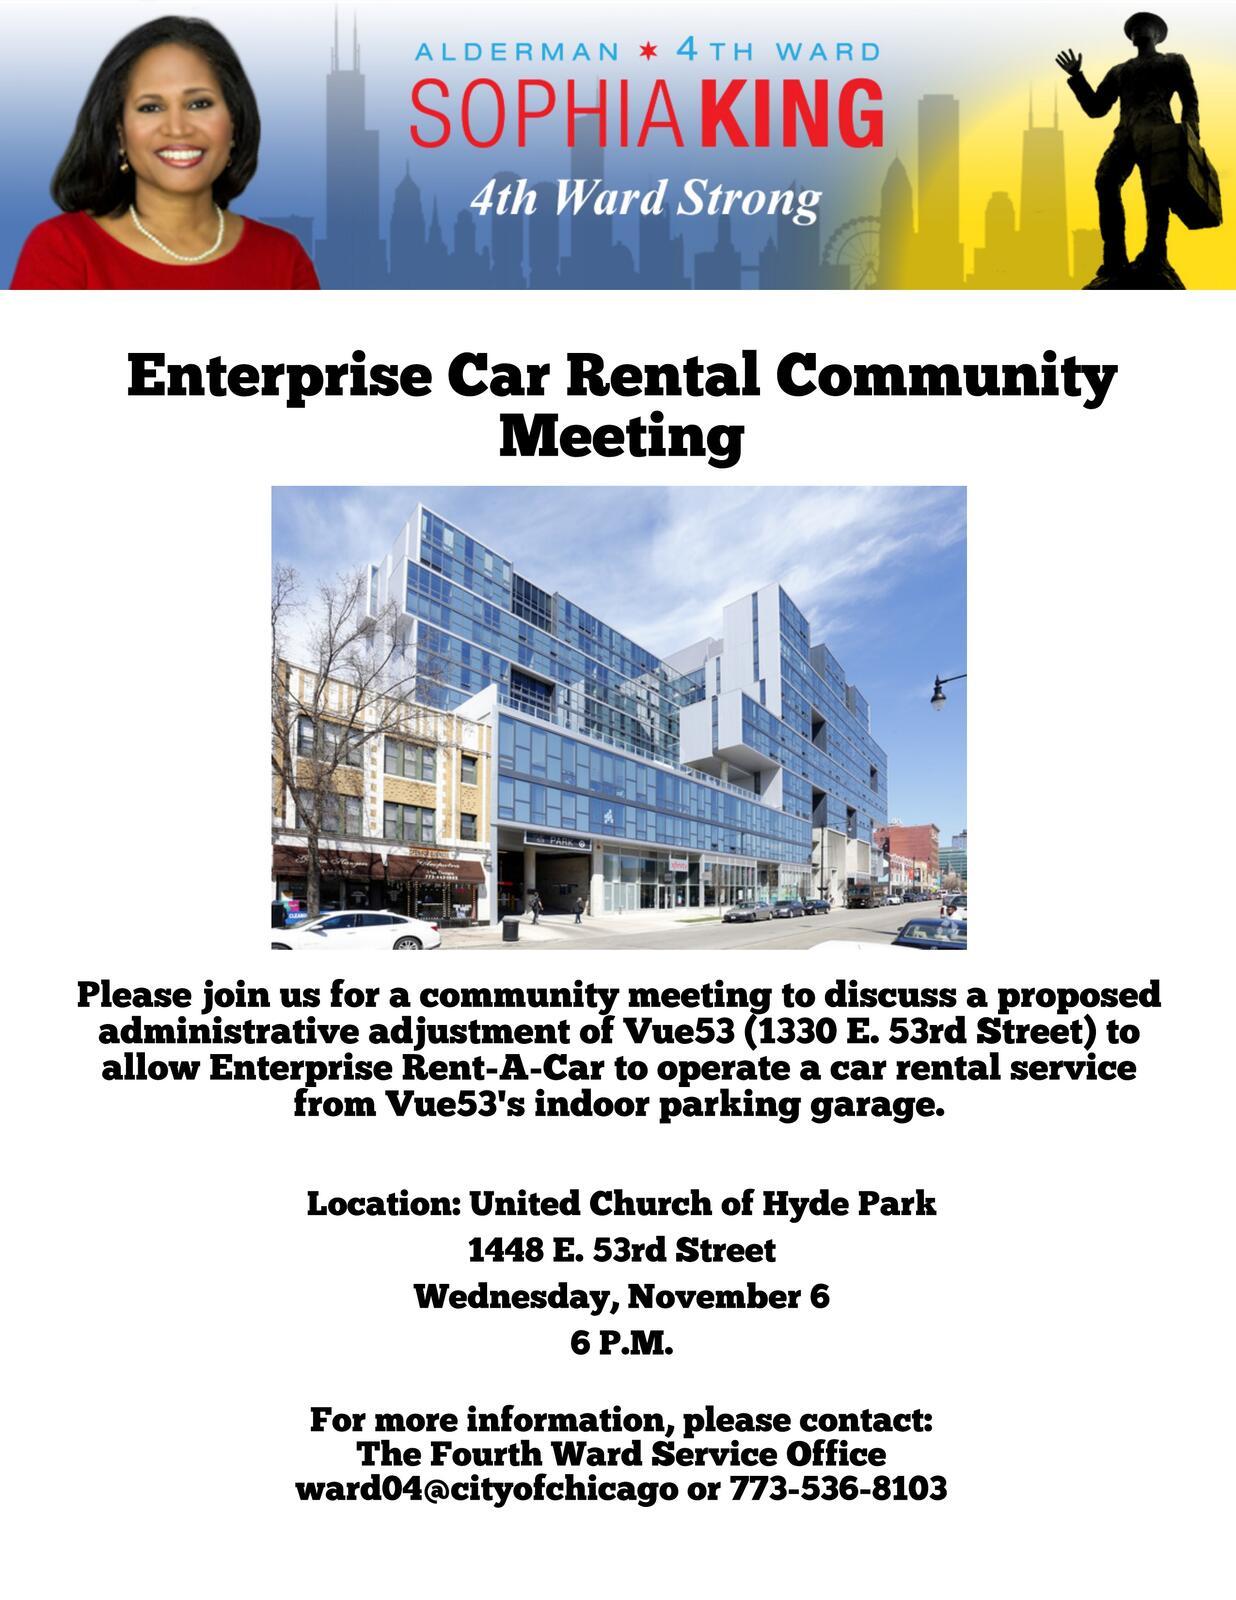 vue53 enterprise car rental community meeting november 6 chicago city council mdash nextdoor nextdoor nextdoor